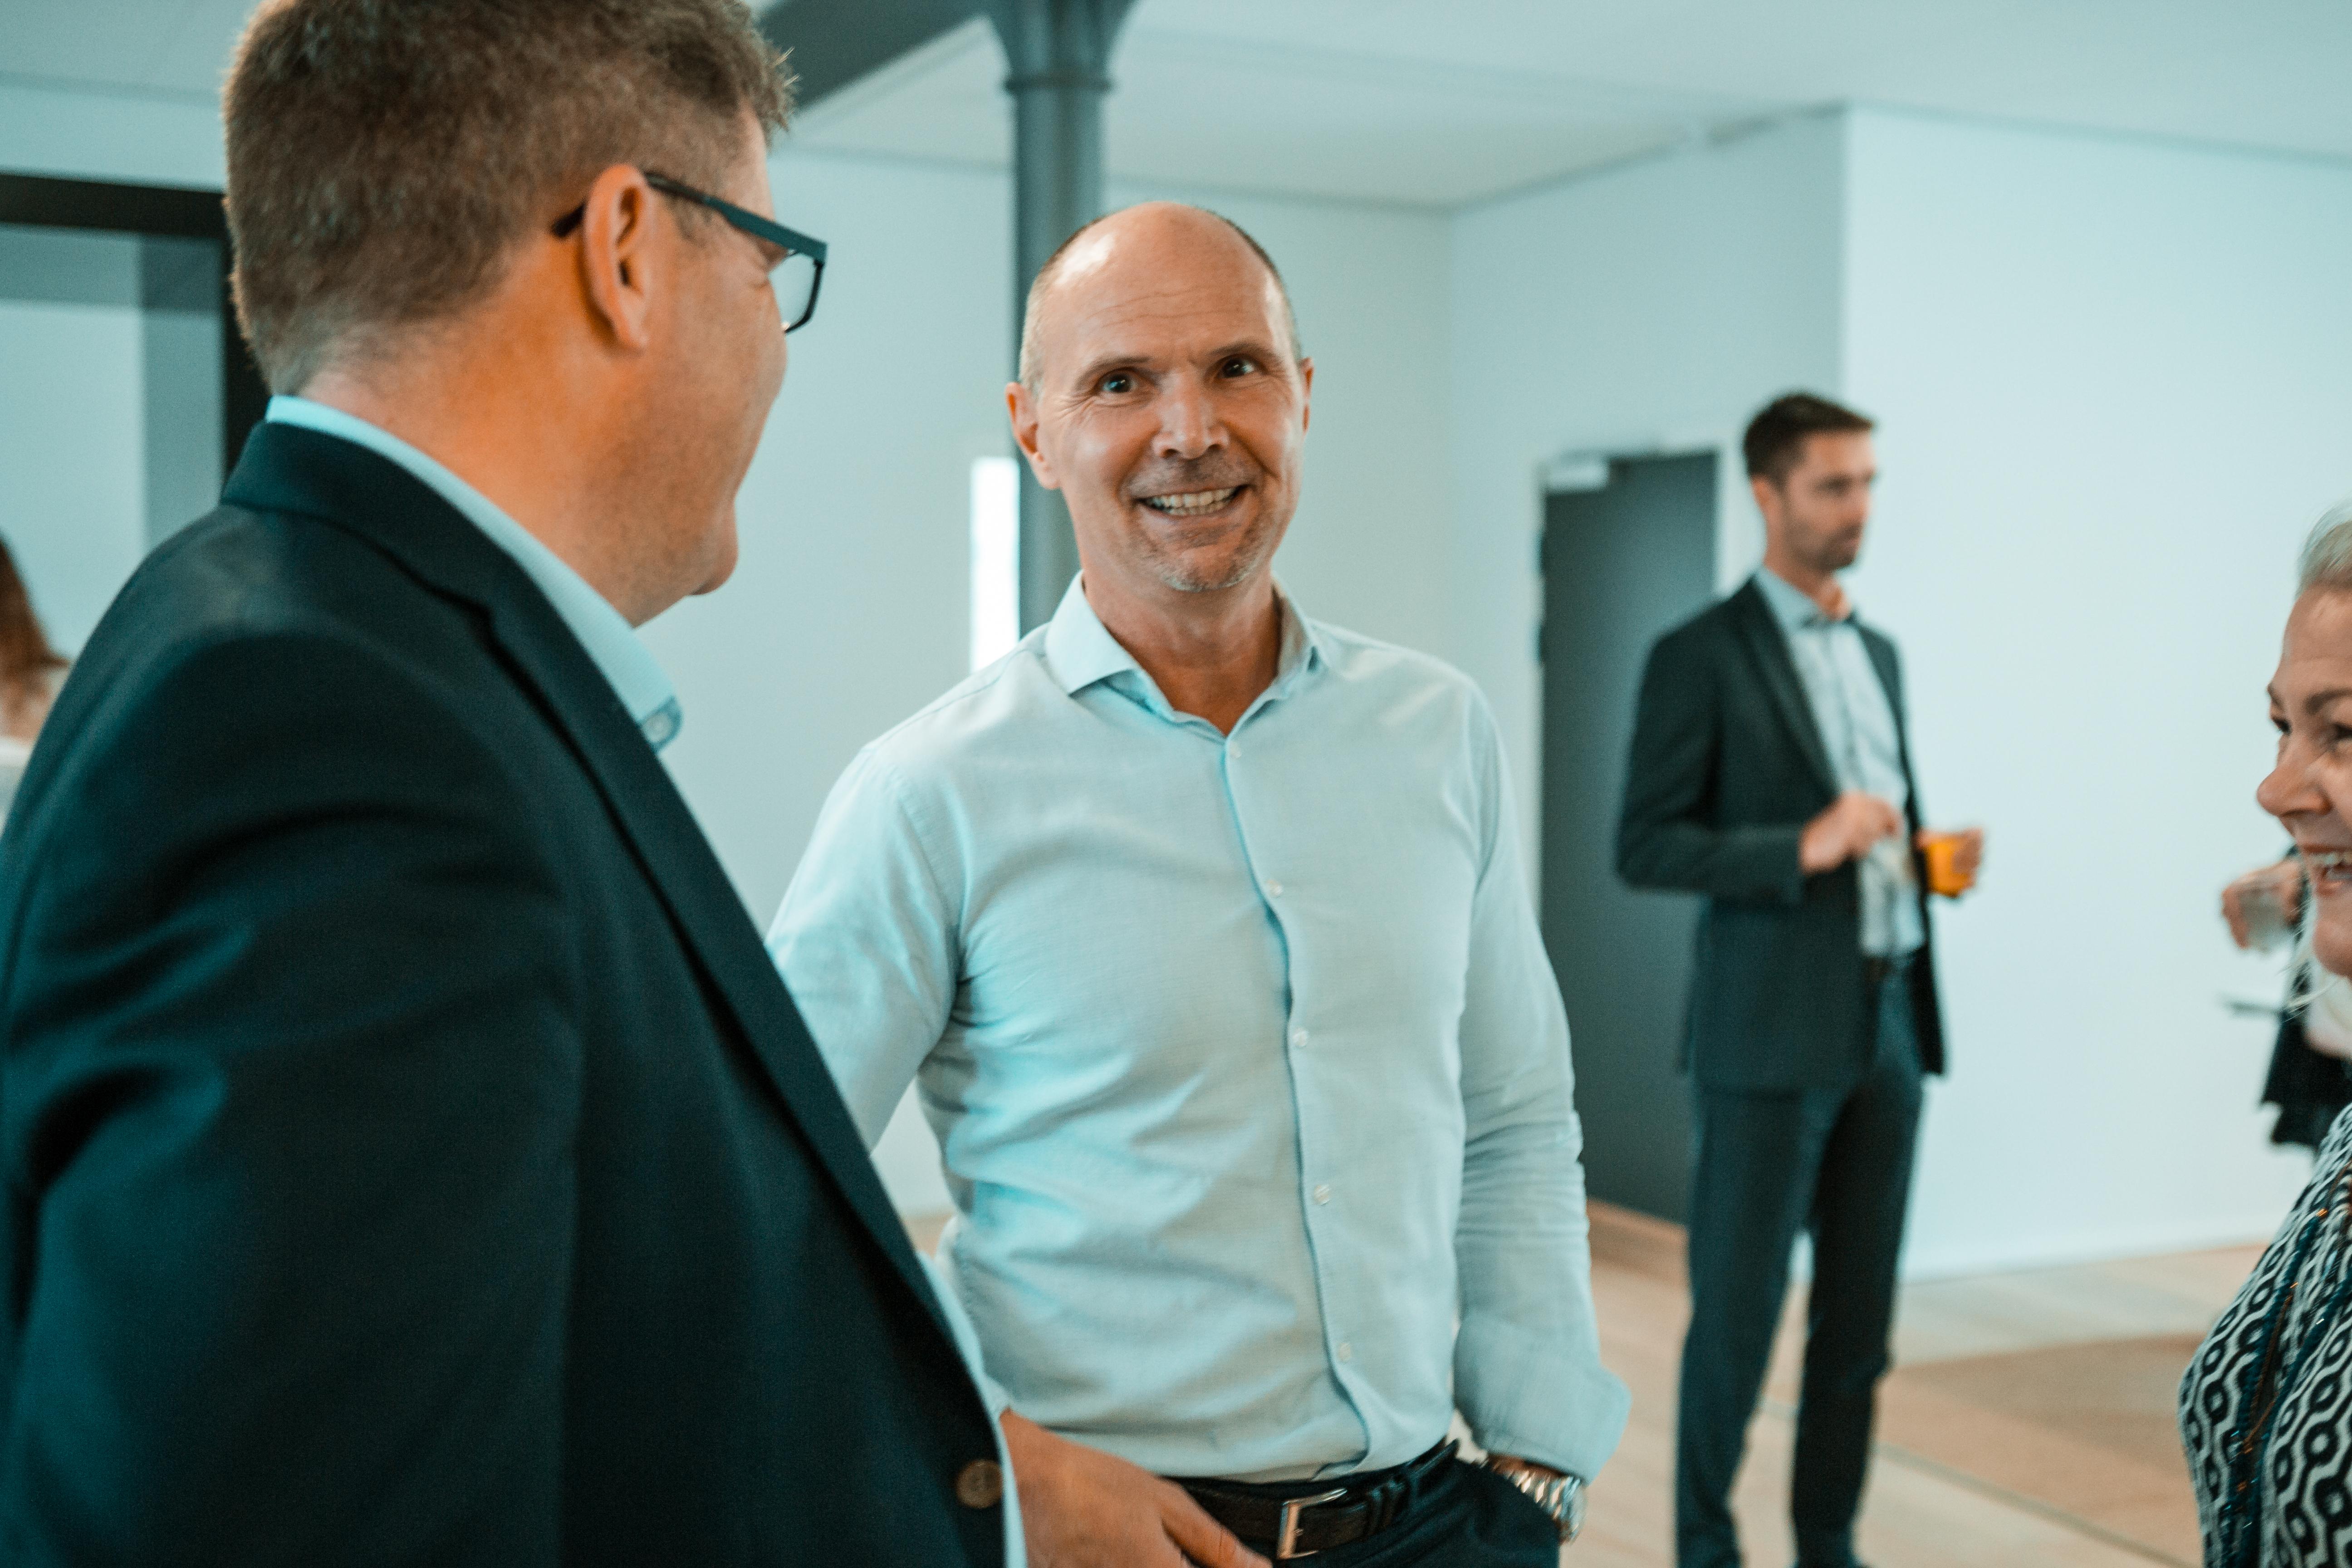 Mikael Munck, 2021.AI's CEO